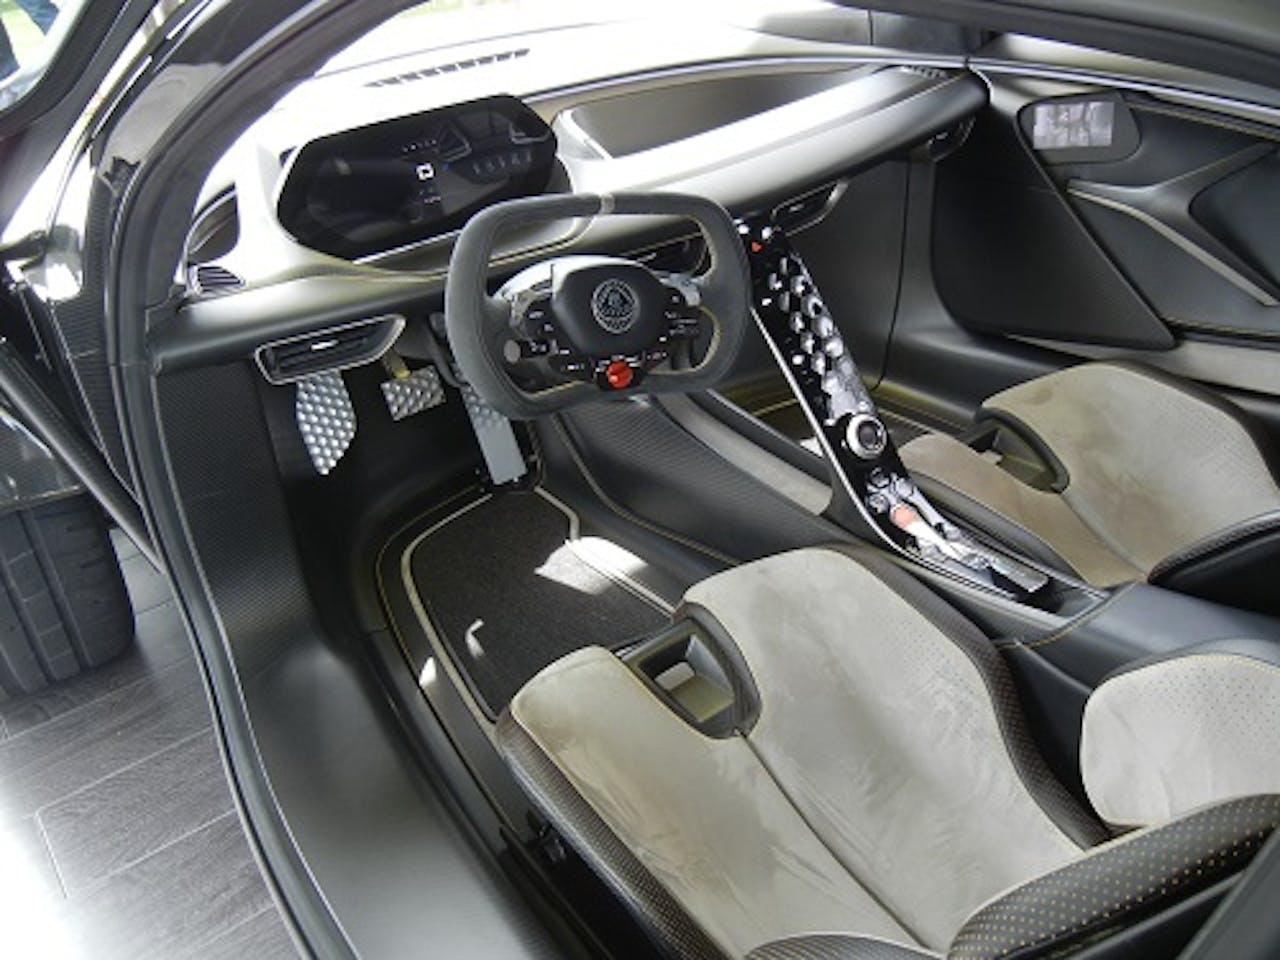 Interieur des Lotus Evija von der Fahrertür aus fotografiert. Leder, Formel-1-Lenkrad und massive Gewichtseinsparung im futuristischen Innenraum